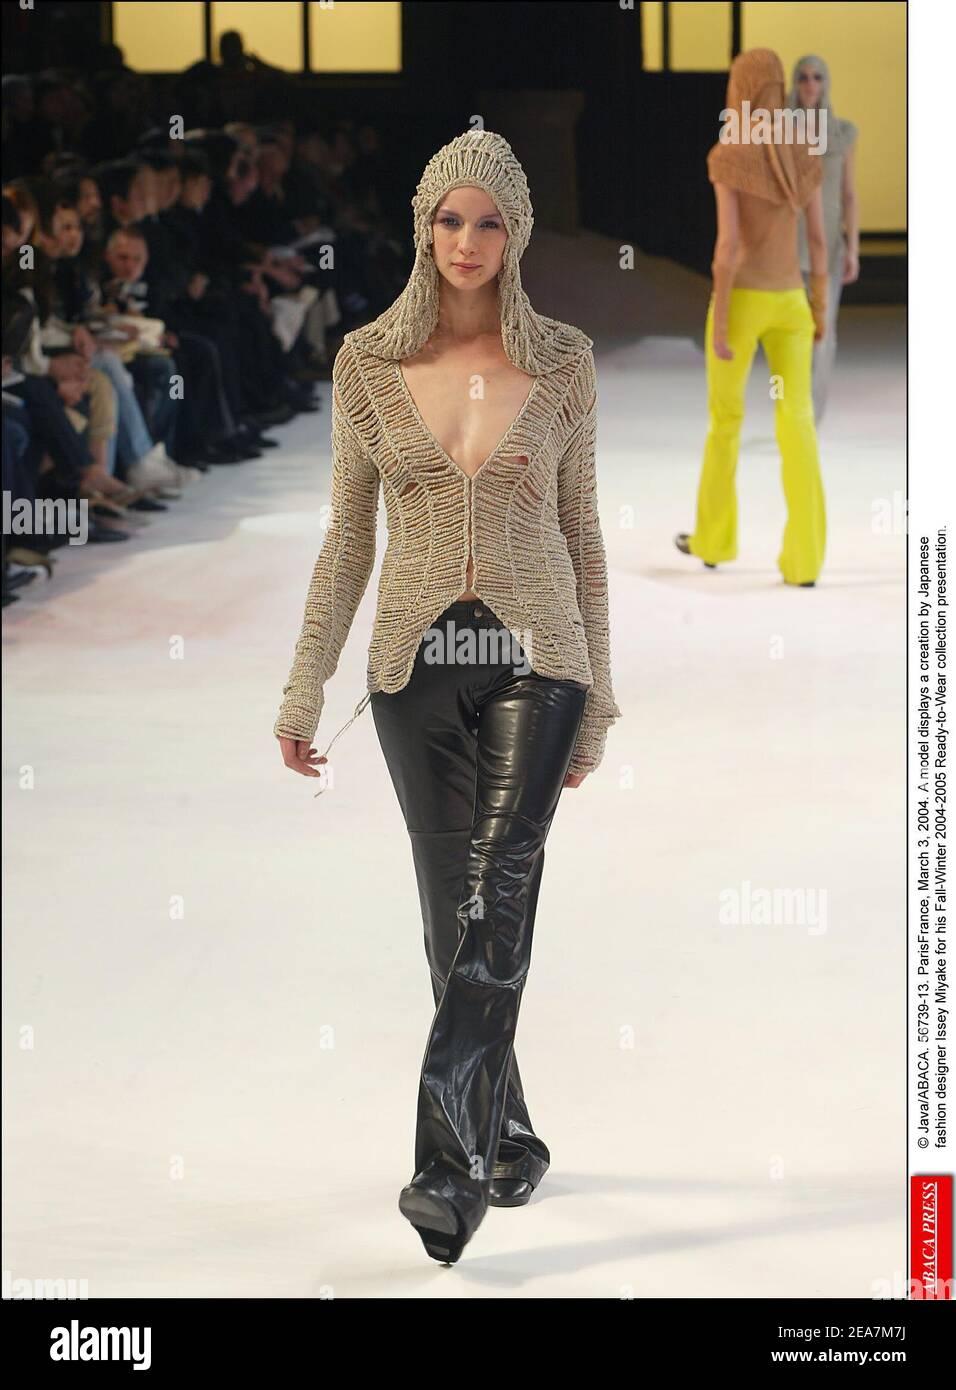 © Java/ABACA. 56739-13. ParisFrance, 3 de marzo de 2004. Un modelo muestra una creación del diseñador de moda japonés Issey Miyake para su presentación de la colección de otoño-invierno 2004-2005 Ready-to-Wear. Foto de stock